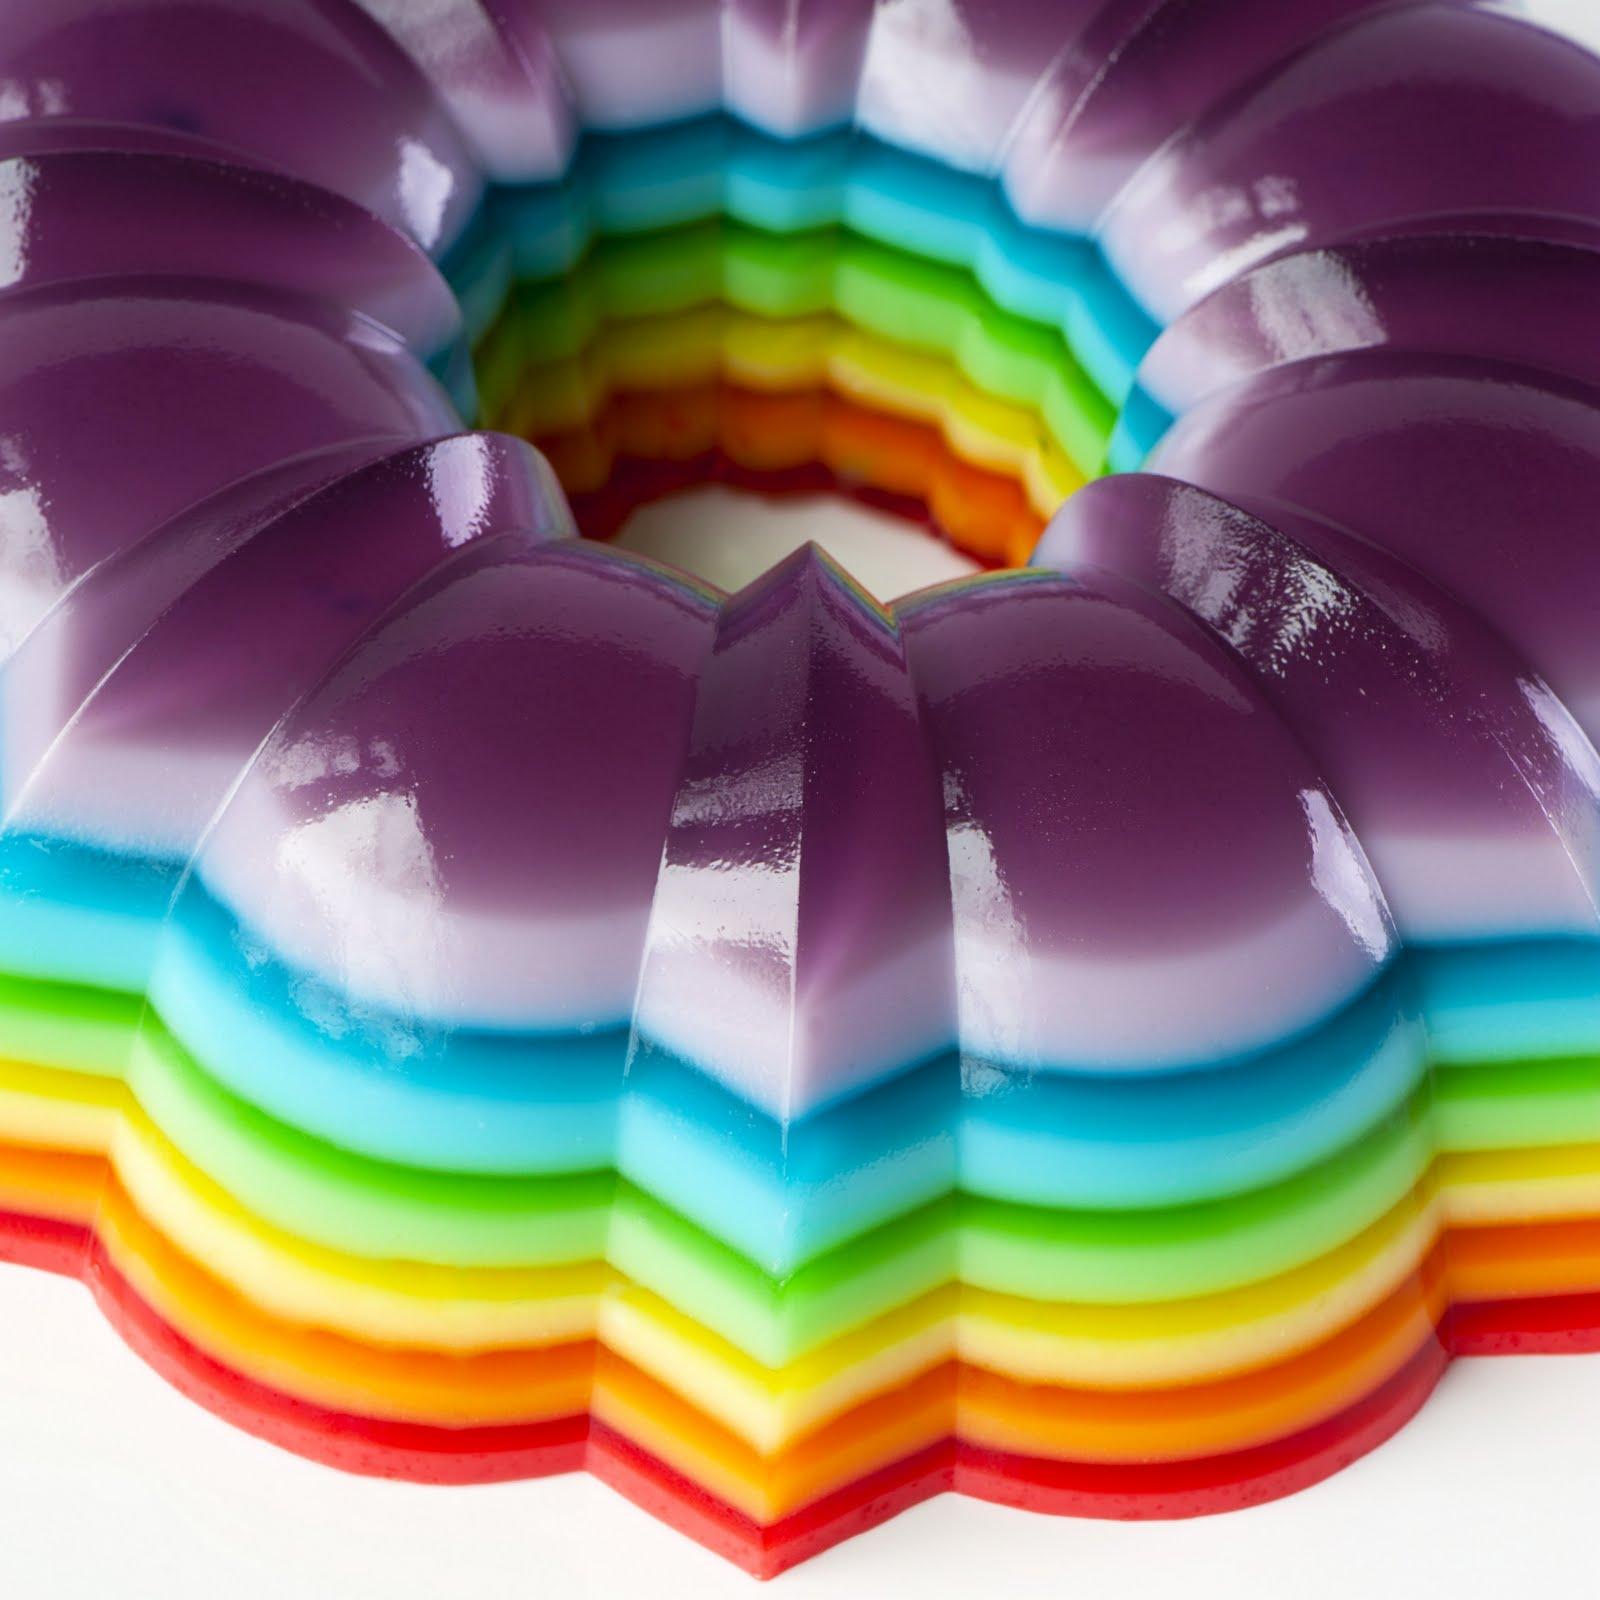 Party Time: Jello